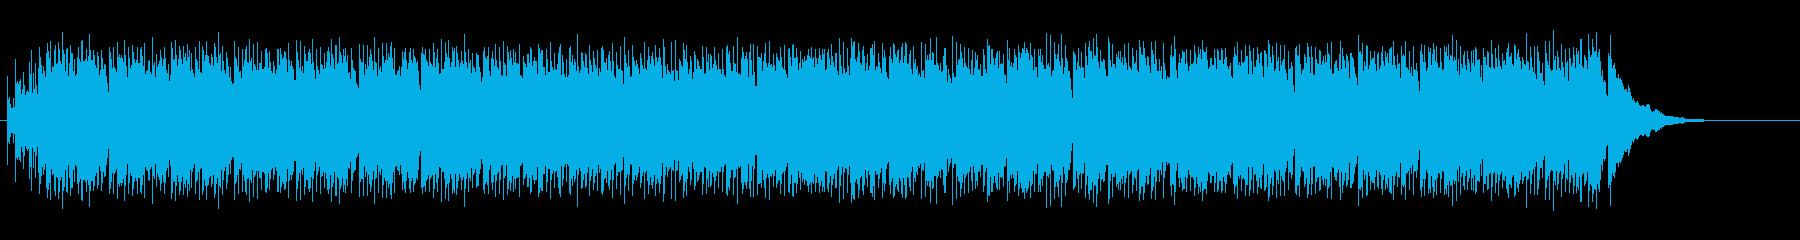 陽気なサーフ・サウンド系エレキ・ポップスの再生済みの波形